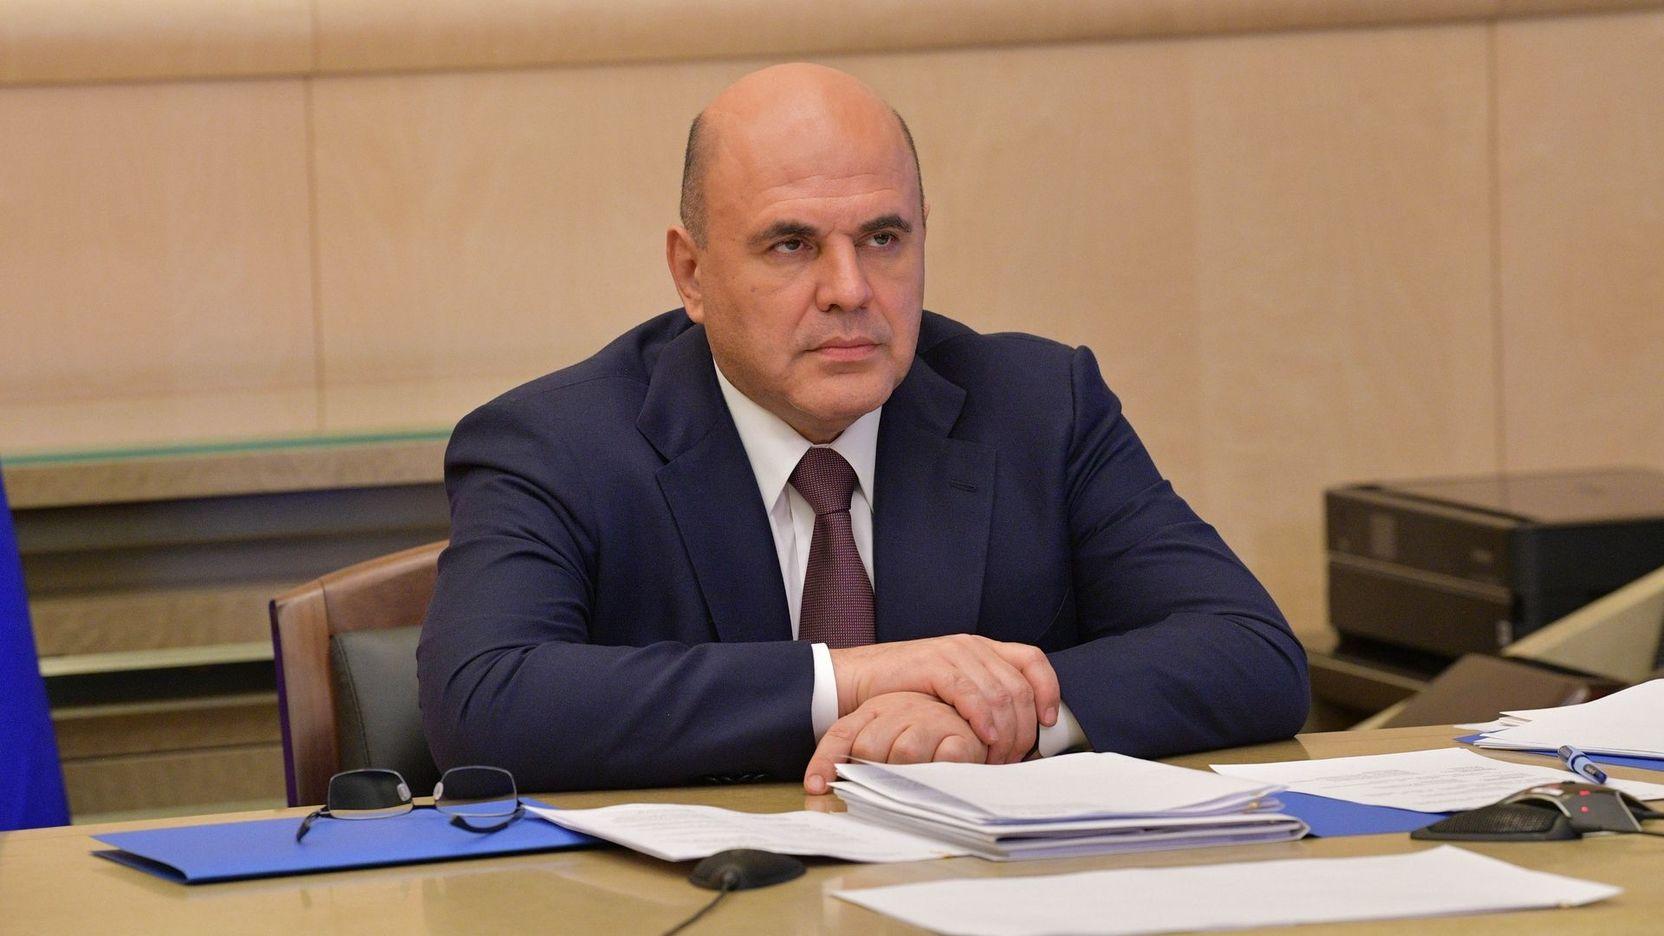 Кабмин выделит более 10 млрд рублей на выплаты для беременных